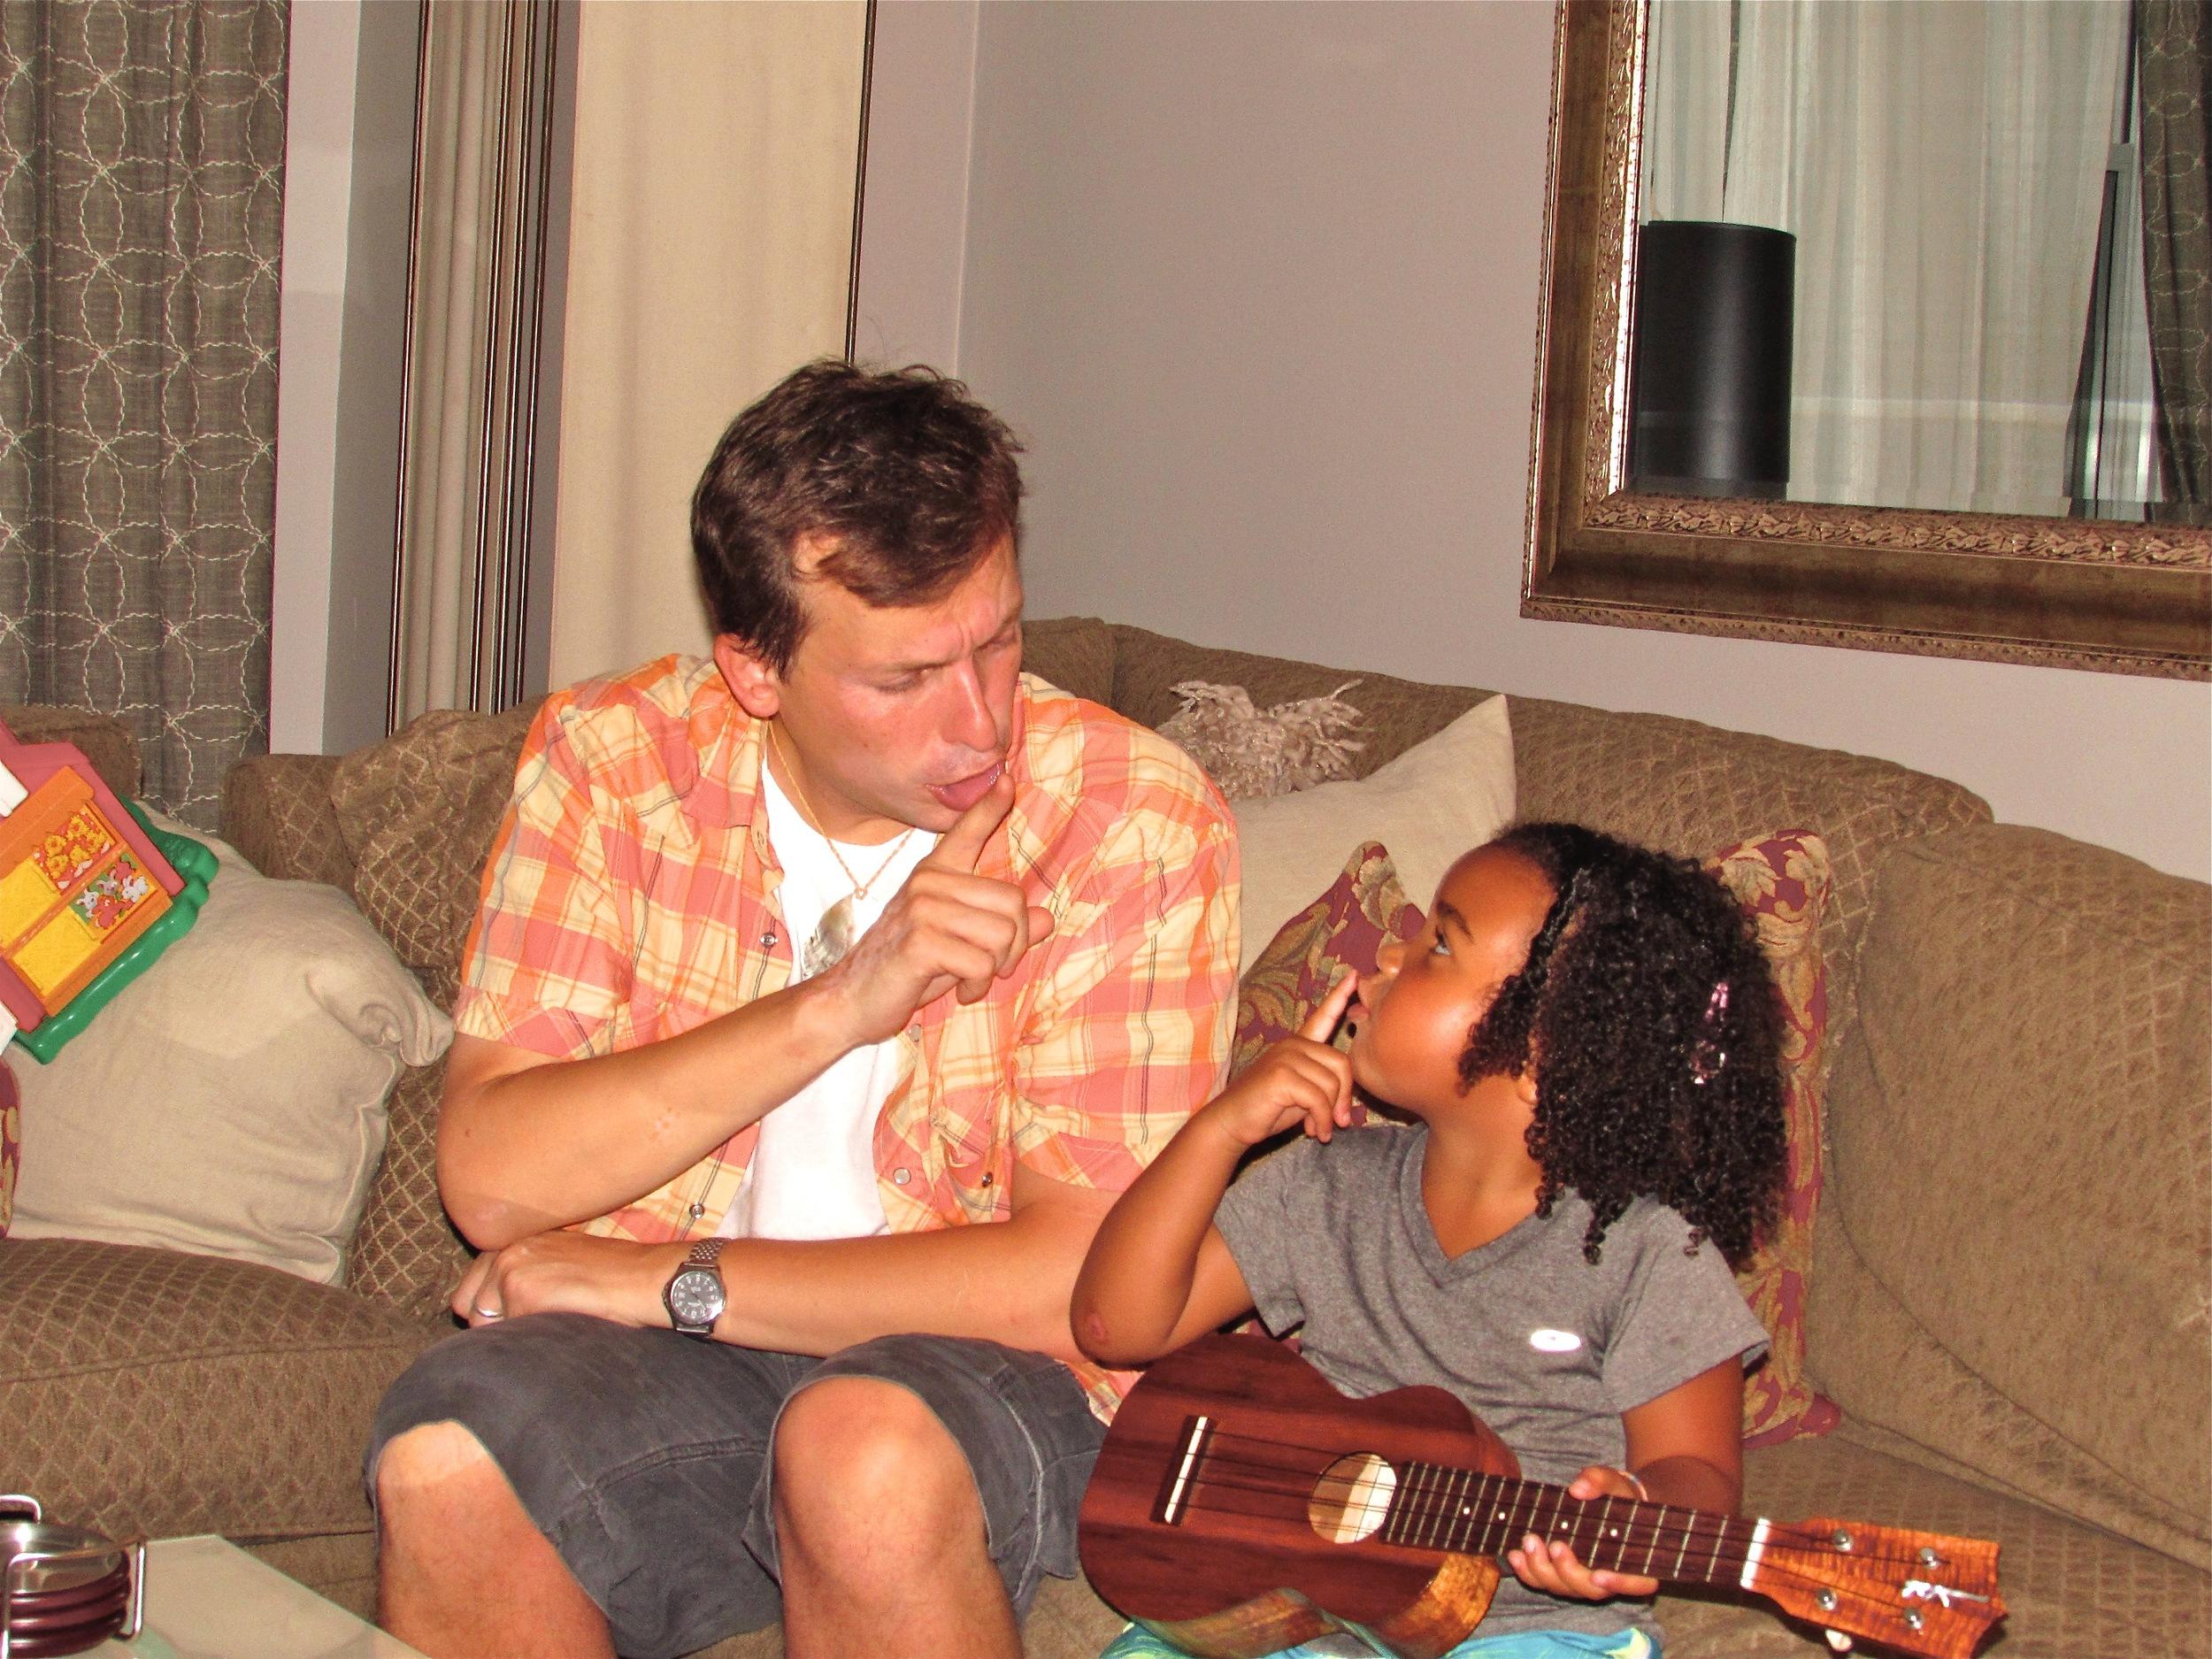 Jason teaching Marley a fun Hawaiian song